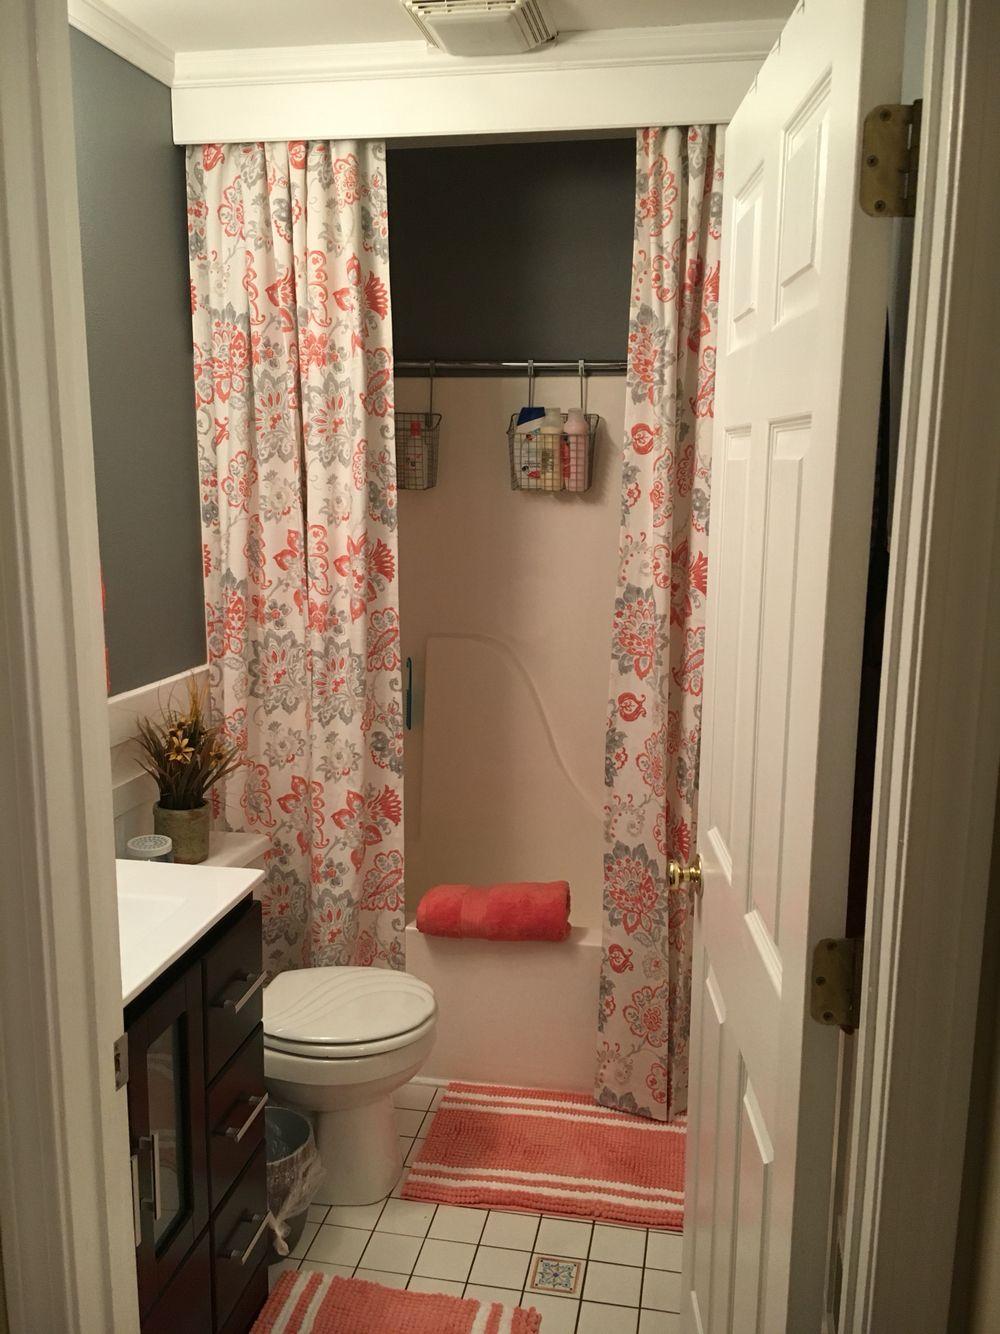 Coral Color Bathroom Rugs.My Girls Bathroom Makeover Grey Walls Coral Accent Color